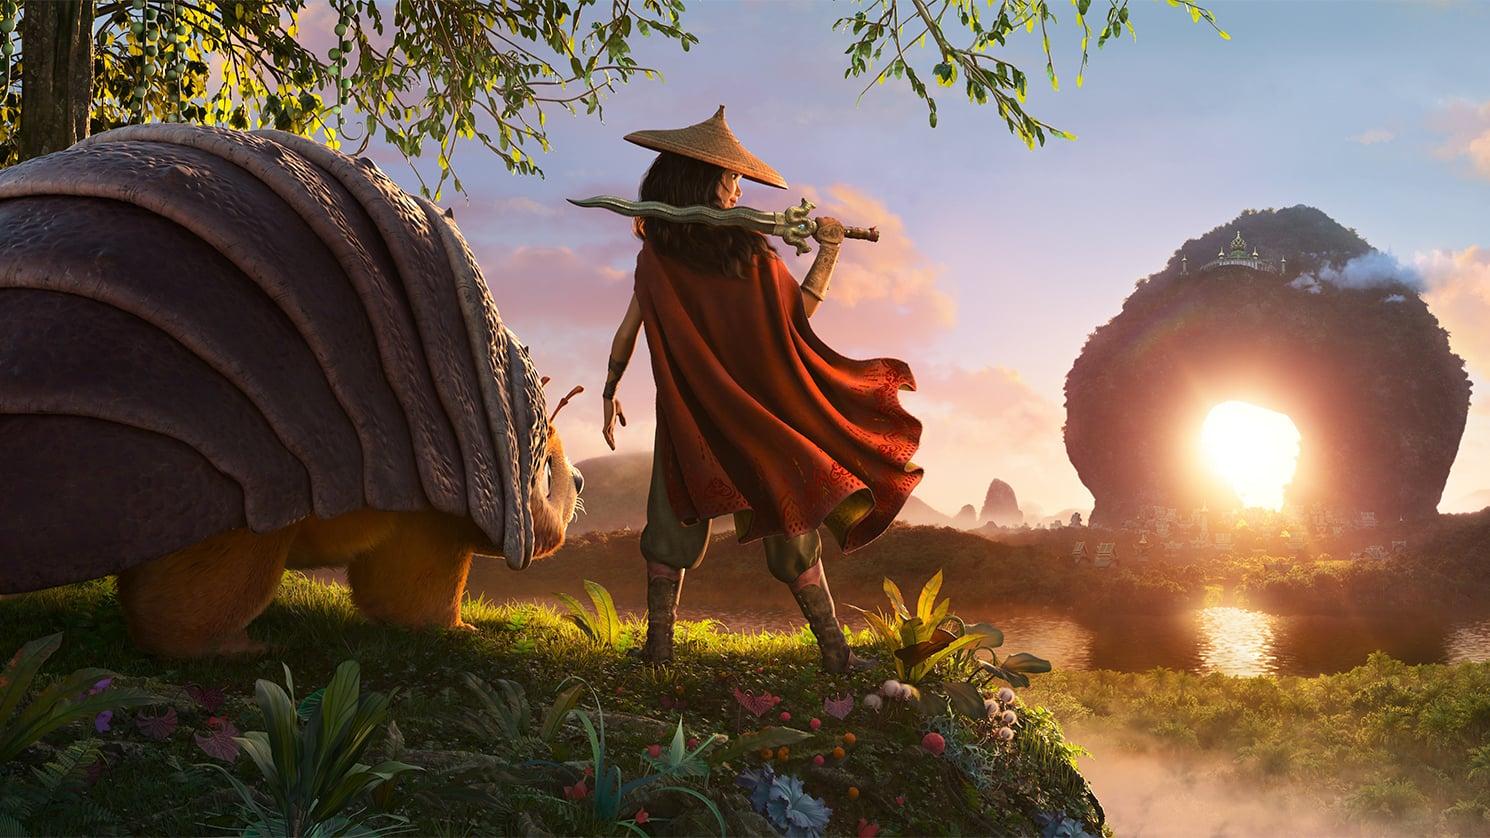 Topscore op Rotten Tomatoes: Disney+ heeft meesterwerk in handen - Manners Magazine